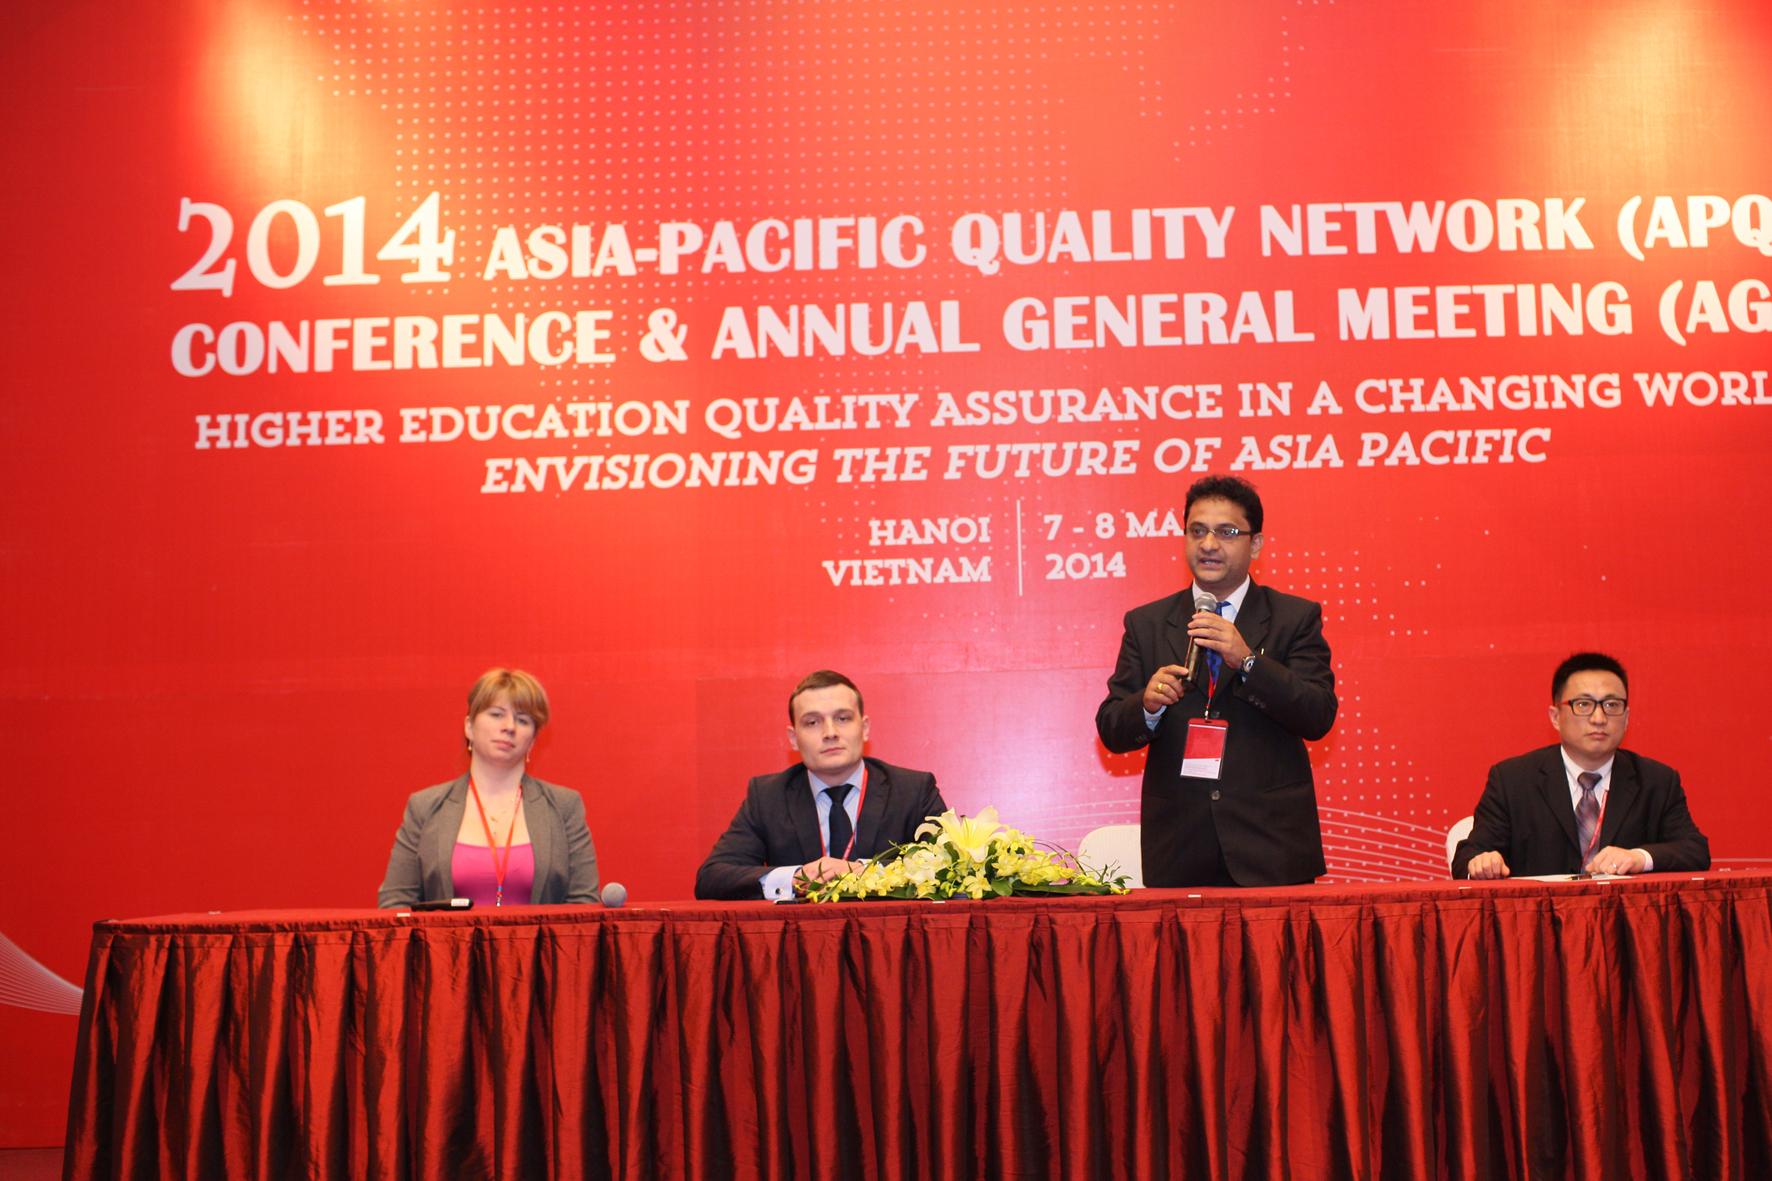 """Боловсролын магадлан итгэмжлэх vндэсний зөвлөл Ази, номхон далайн чанарын сvлжээ байгууллагын /APQN/ """"2014 оны Чанарын Баталгаажуулалтын Шилдэг олон улсын харилцаатай байгууллага""""-аар шалгарлаа"""